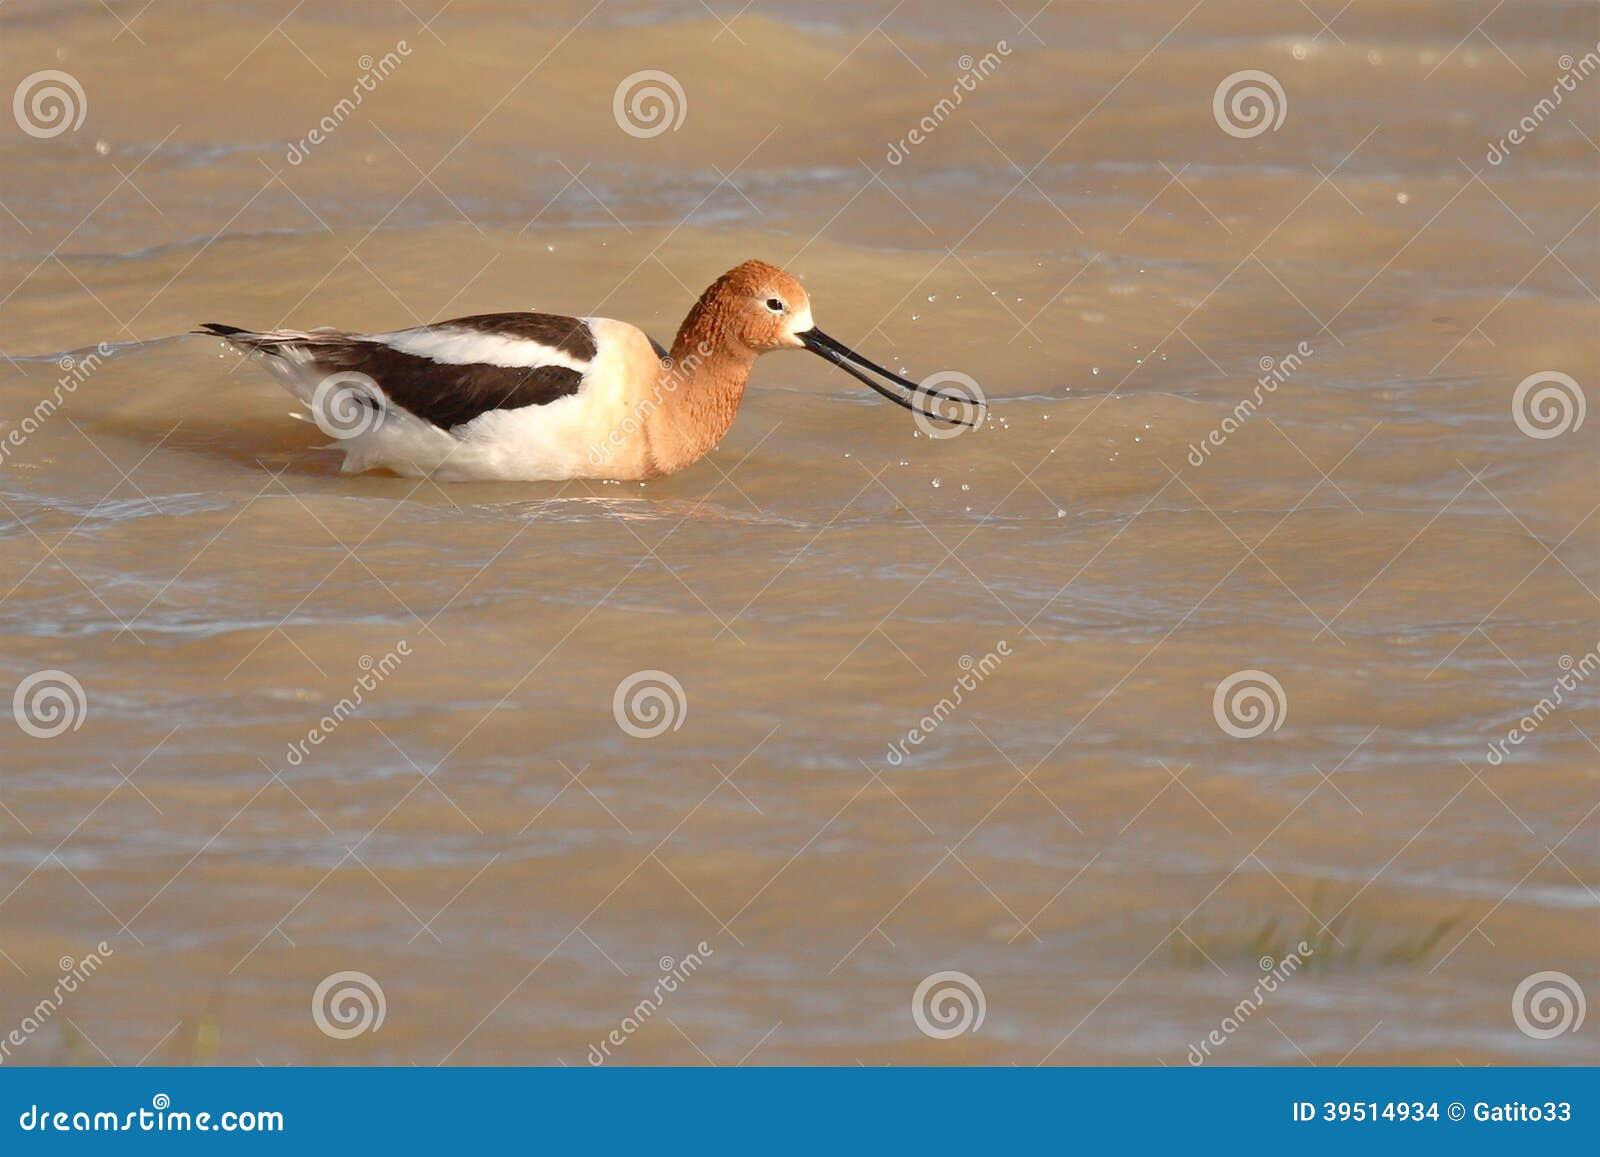 Avocet Snapping Beak